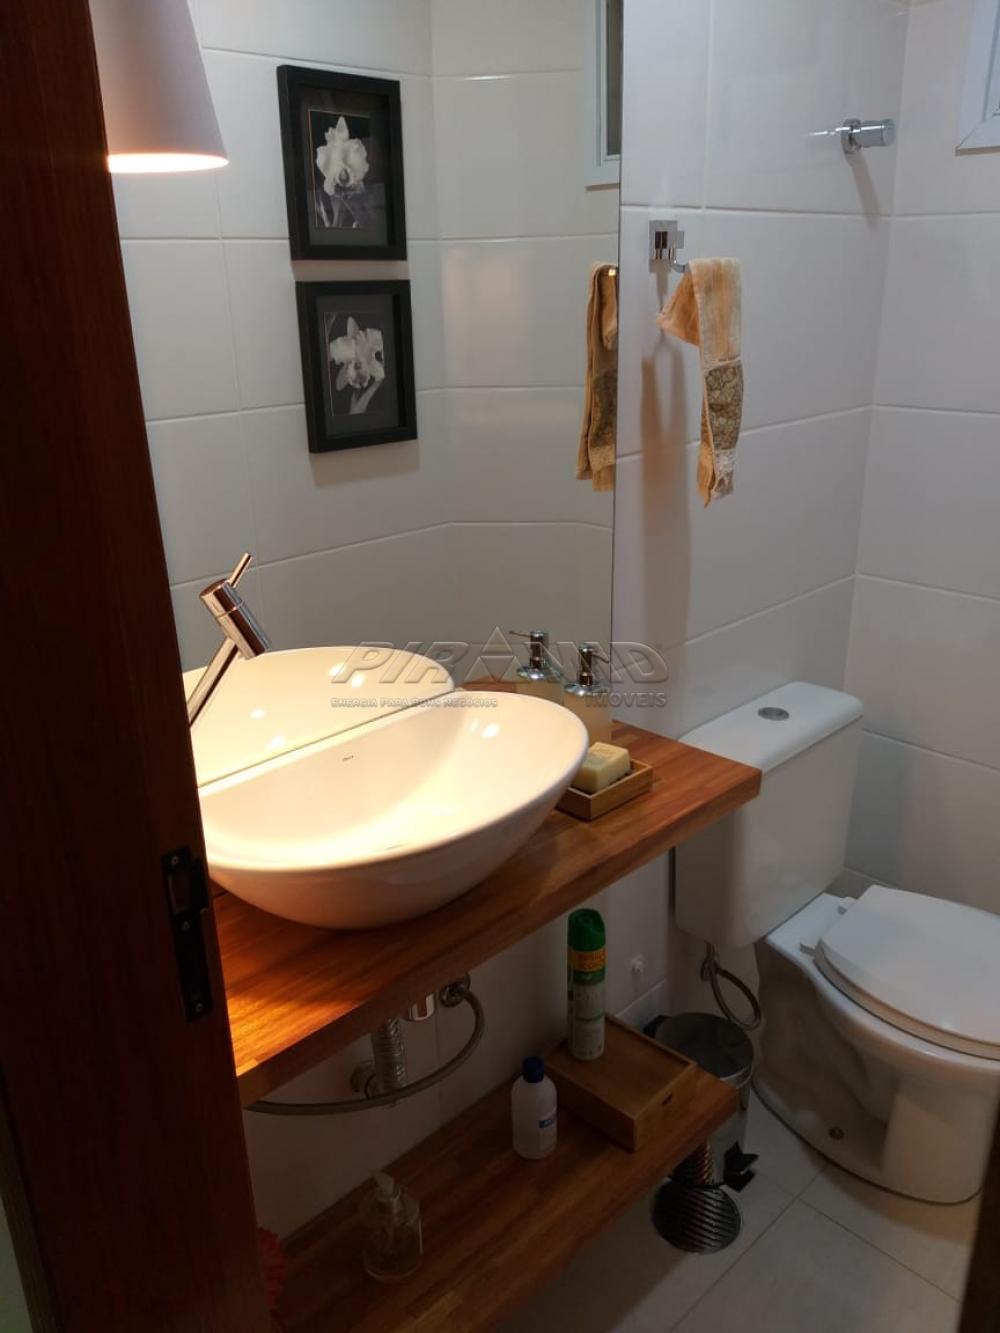 Comprar Apartamento / Padrão em Ribeirão Preto apenas R$ 435.000,00 - Foto 7